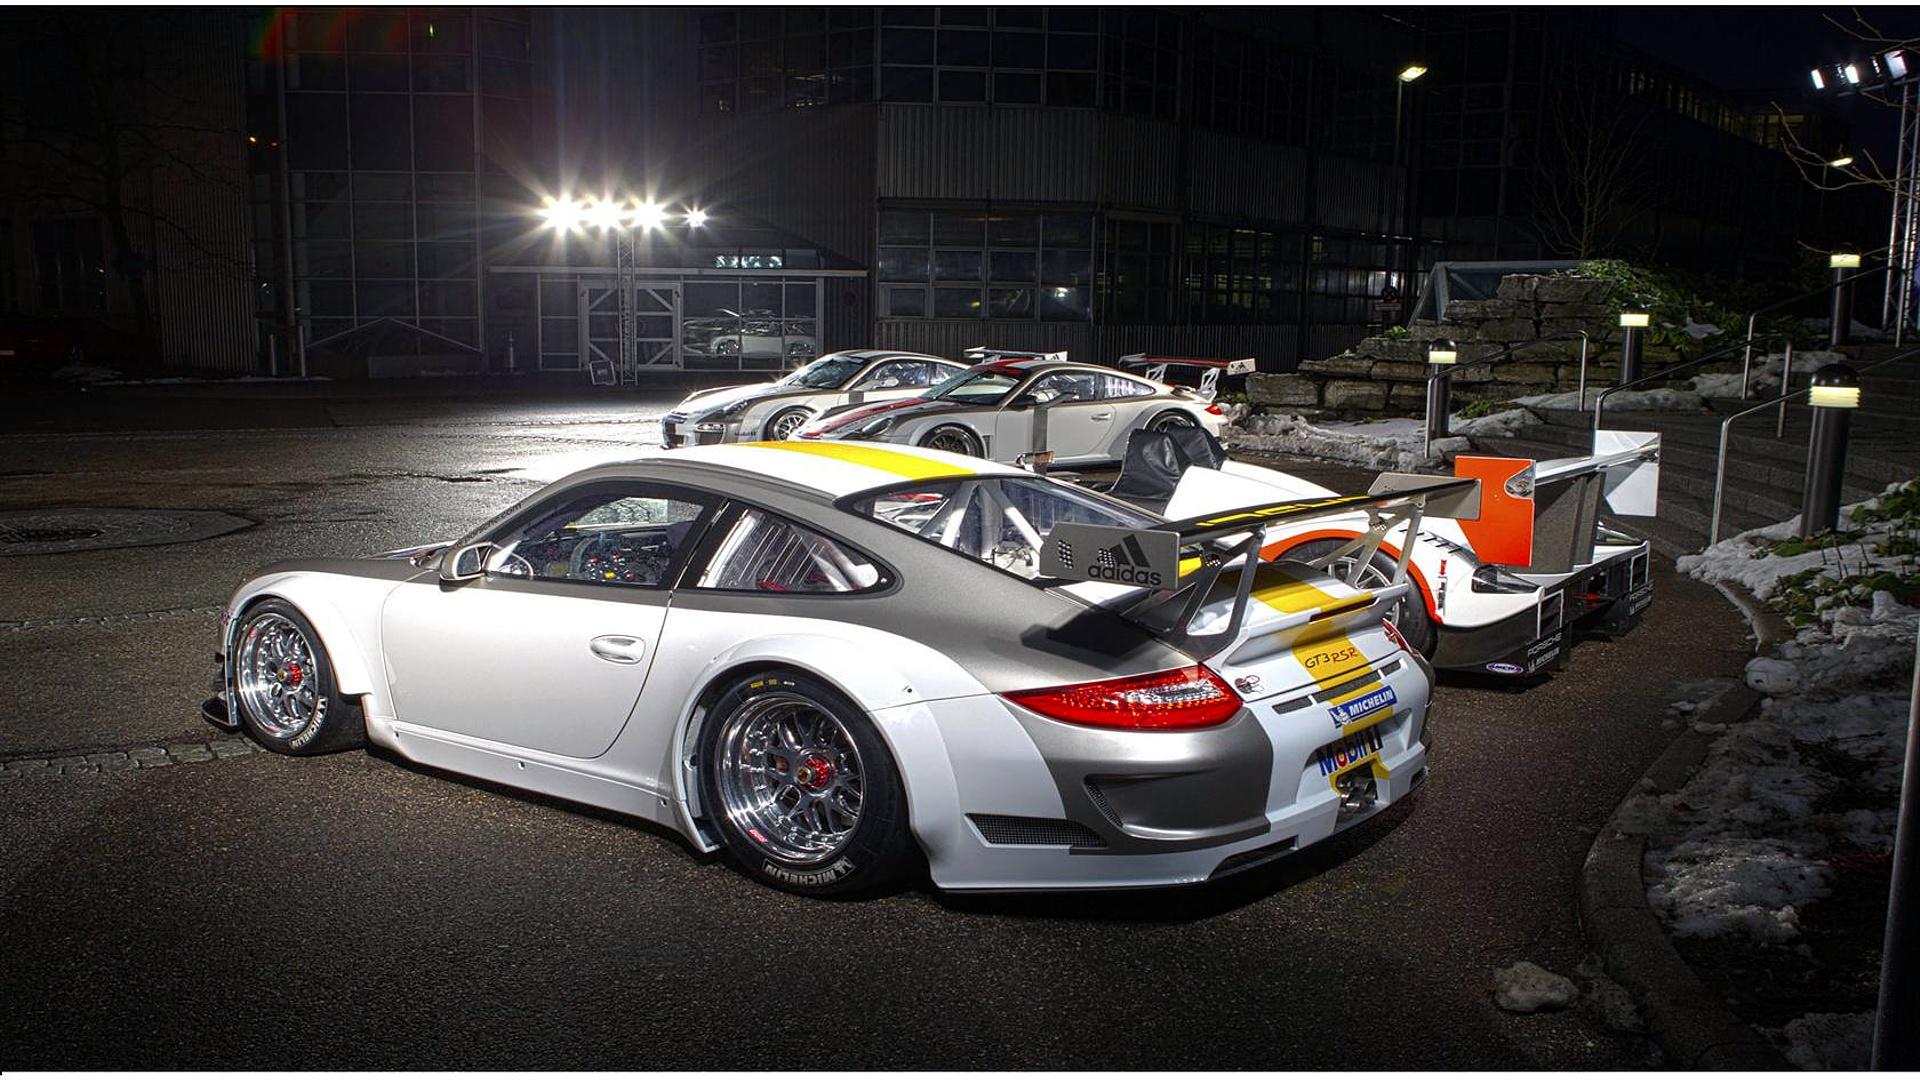 Porsche 911 GT3 RSR Images Picture Wallpaper 1920x1080